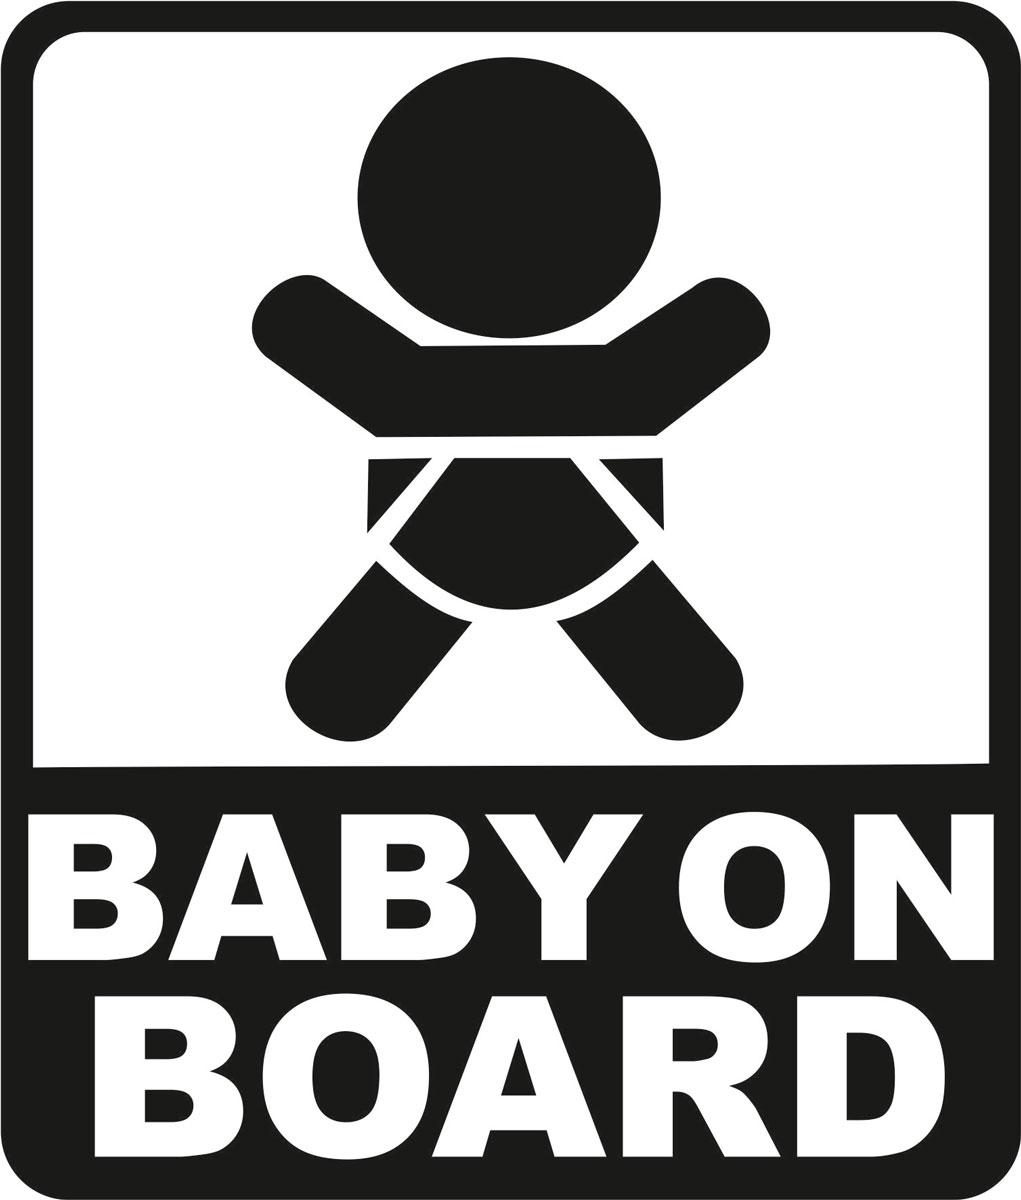 Наклейка автомобильная Оранжевый слоник Baby on Board. Квадрат, виниловая, цвет: черныйCA-3505Оригинальная наклейка Оранжевый слоник Baby on Board. Квадрат изготовлена из долговечного винила, который выполняет не только декоративную функцию, но и защищает кузов от небольших механических повреждений, либо скрывает уже существующие.Виниловые наклейки на авто - это не только красиво, но еще и быстро! Всего за несколько минут вы можете полностью преобразить свой автомобиль, сделать его ярким, необычным, особенным и неповторимым!